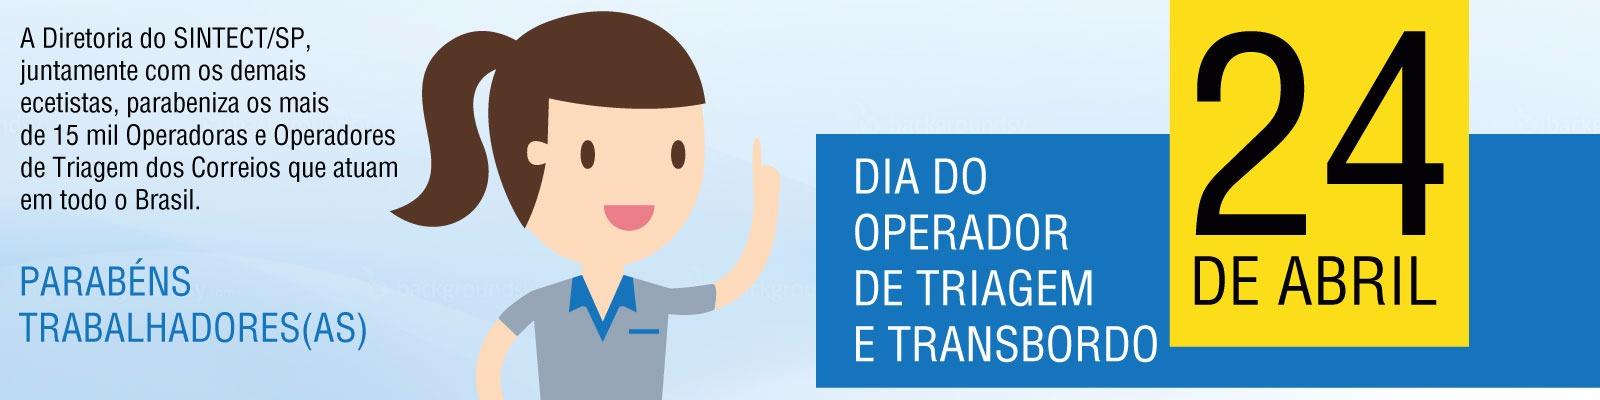 full_banner_dia_ott_triagem_transbordo_24_04_2017